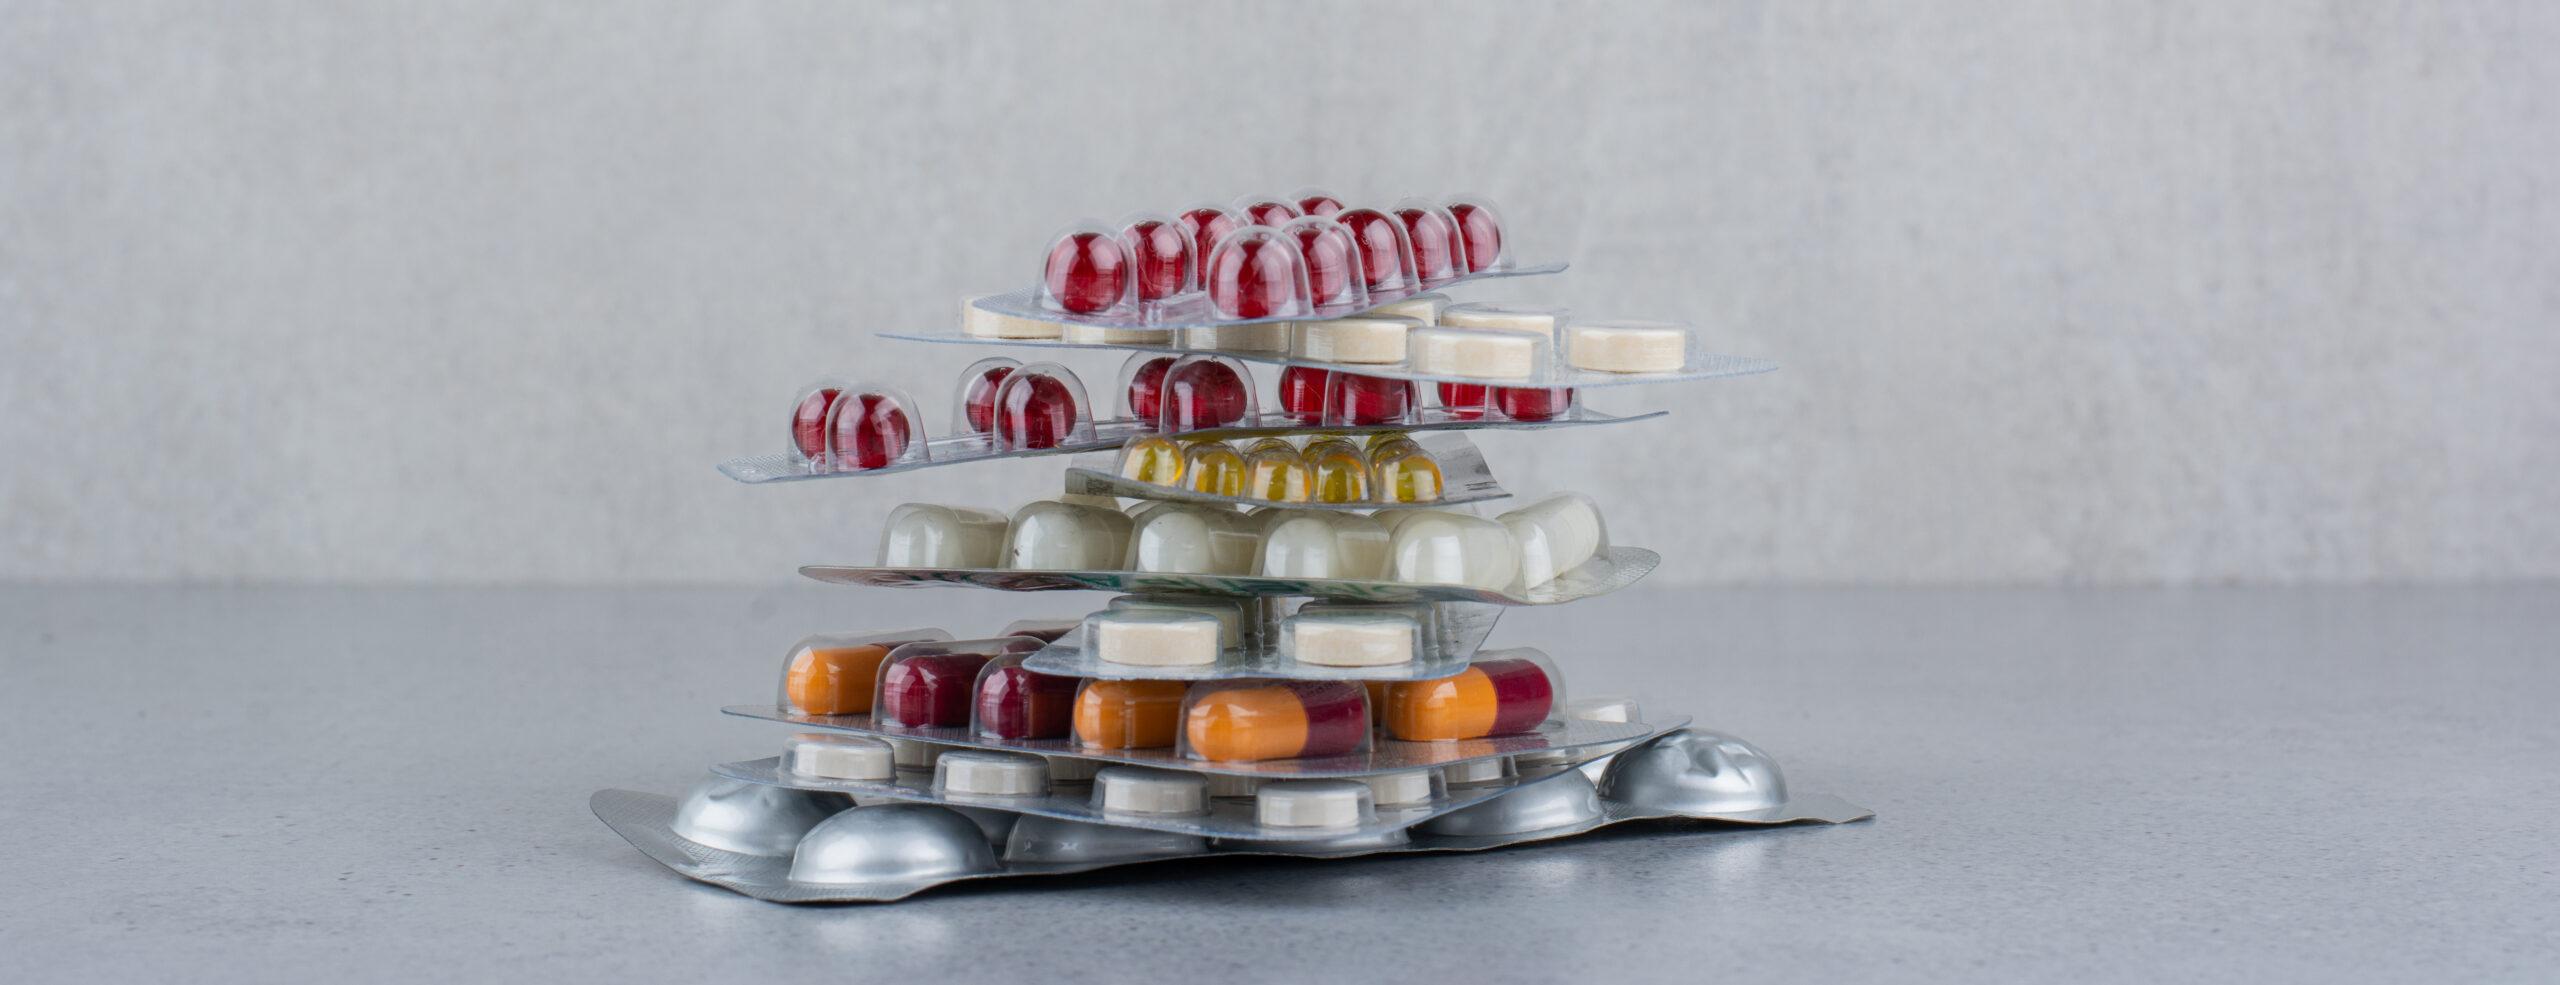 Les compléments alimentaires : un risque pour notre santé ?